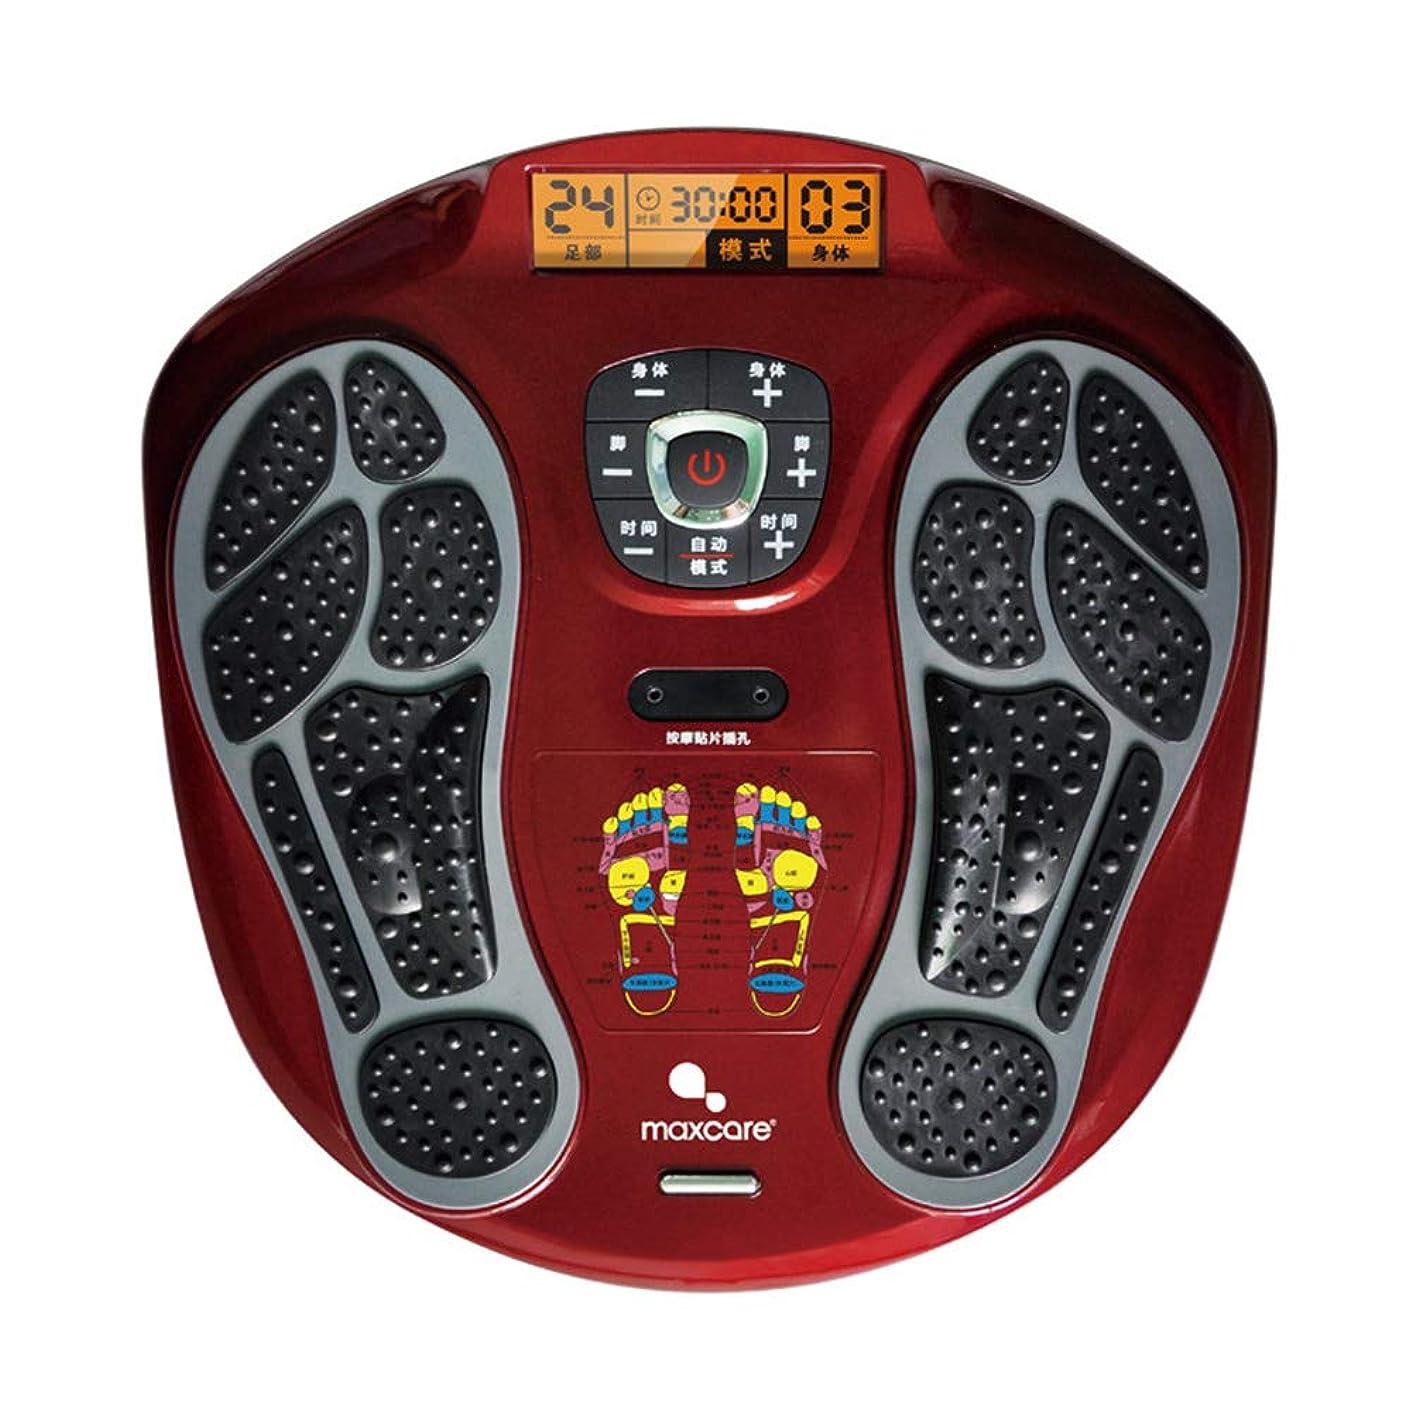 受益者間隔ホイップリモコン 足マッサージャー指圧、ワイヤレスコントロール、足マッサージ機電気足マッサージャーと足底筋膜炎痛みホームオフィス インテリジェント